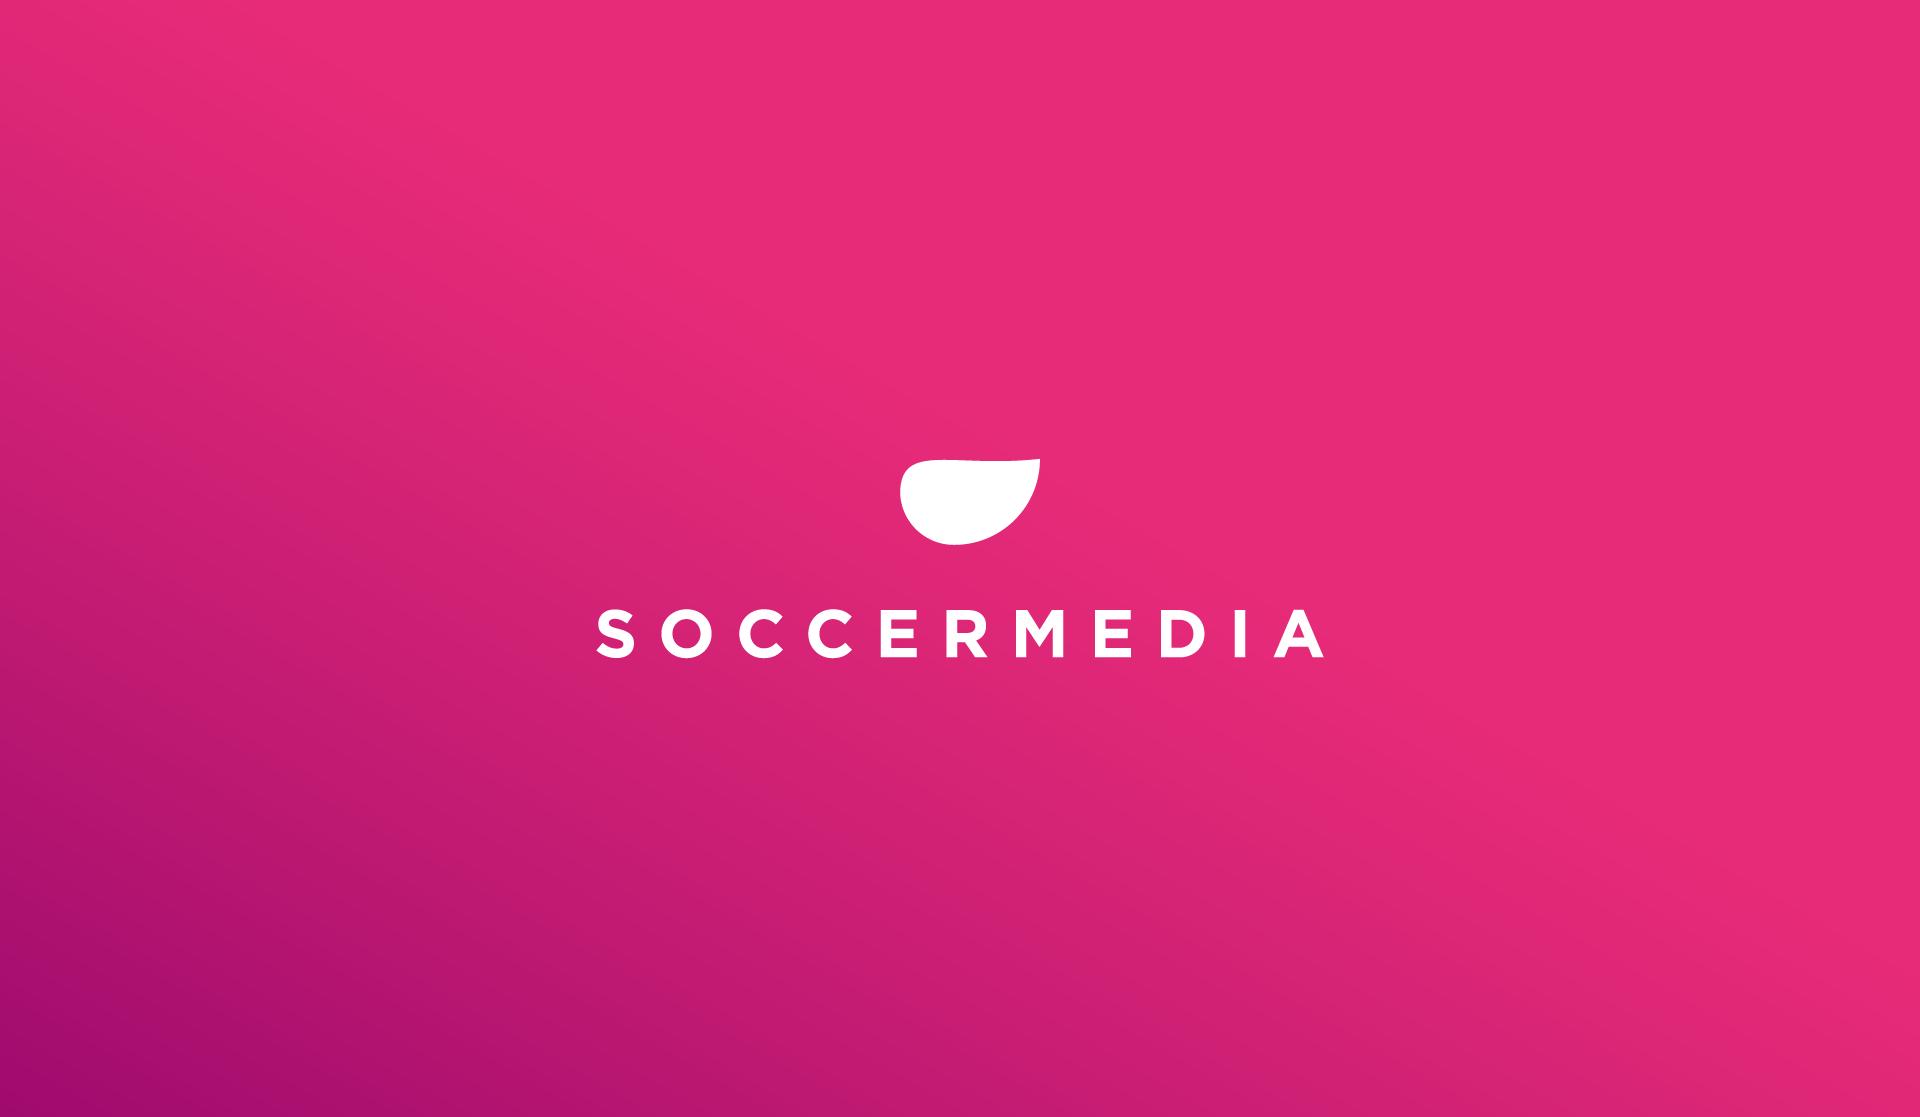 bouncy-particle-comunicazione-marketing-roma-soccermedia